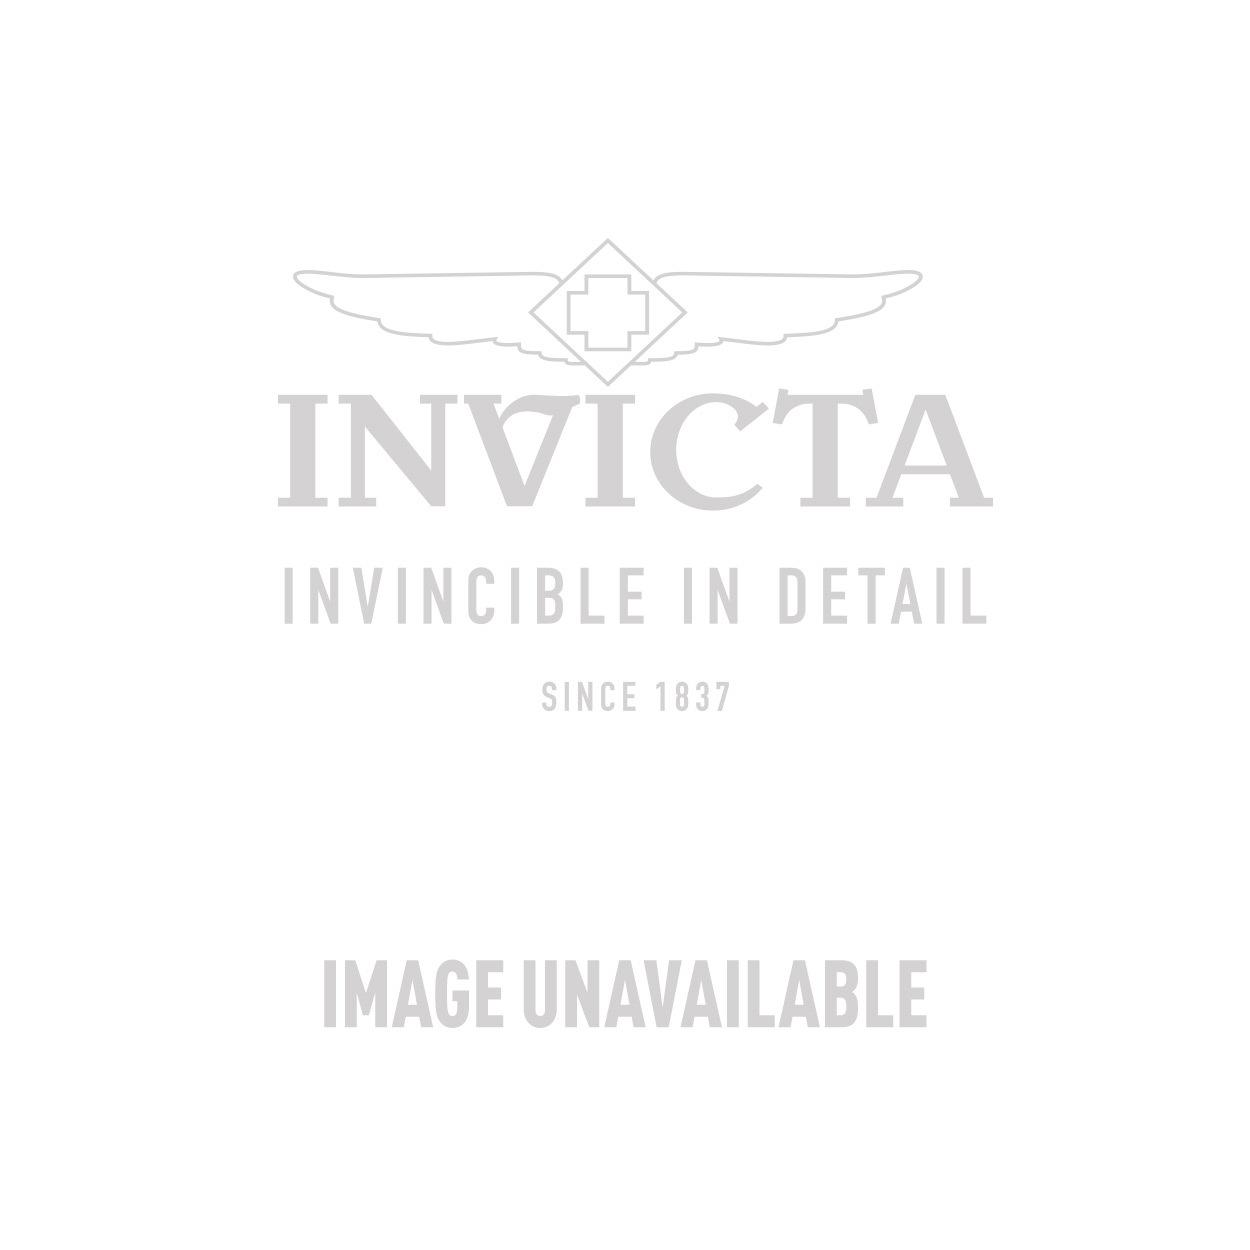 Invicta Model 27646